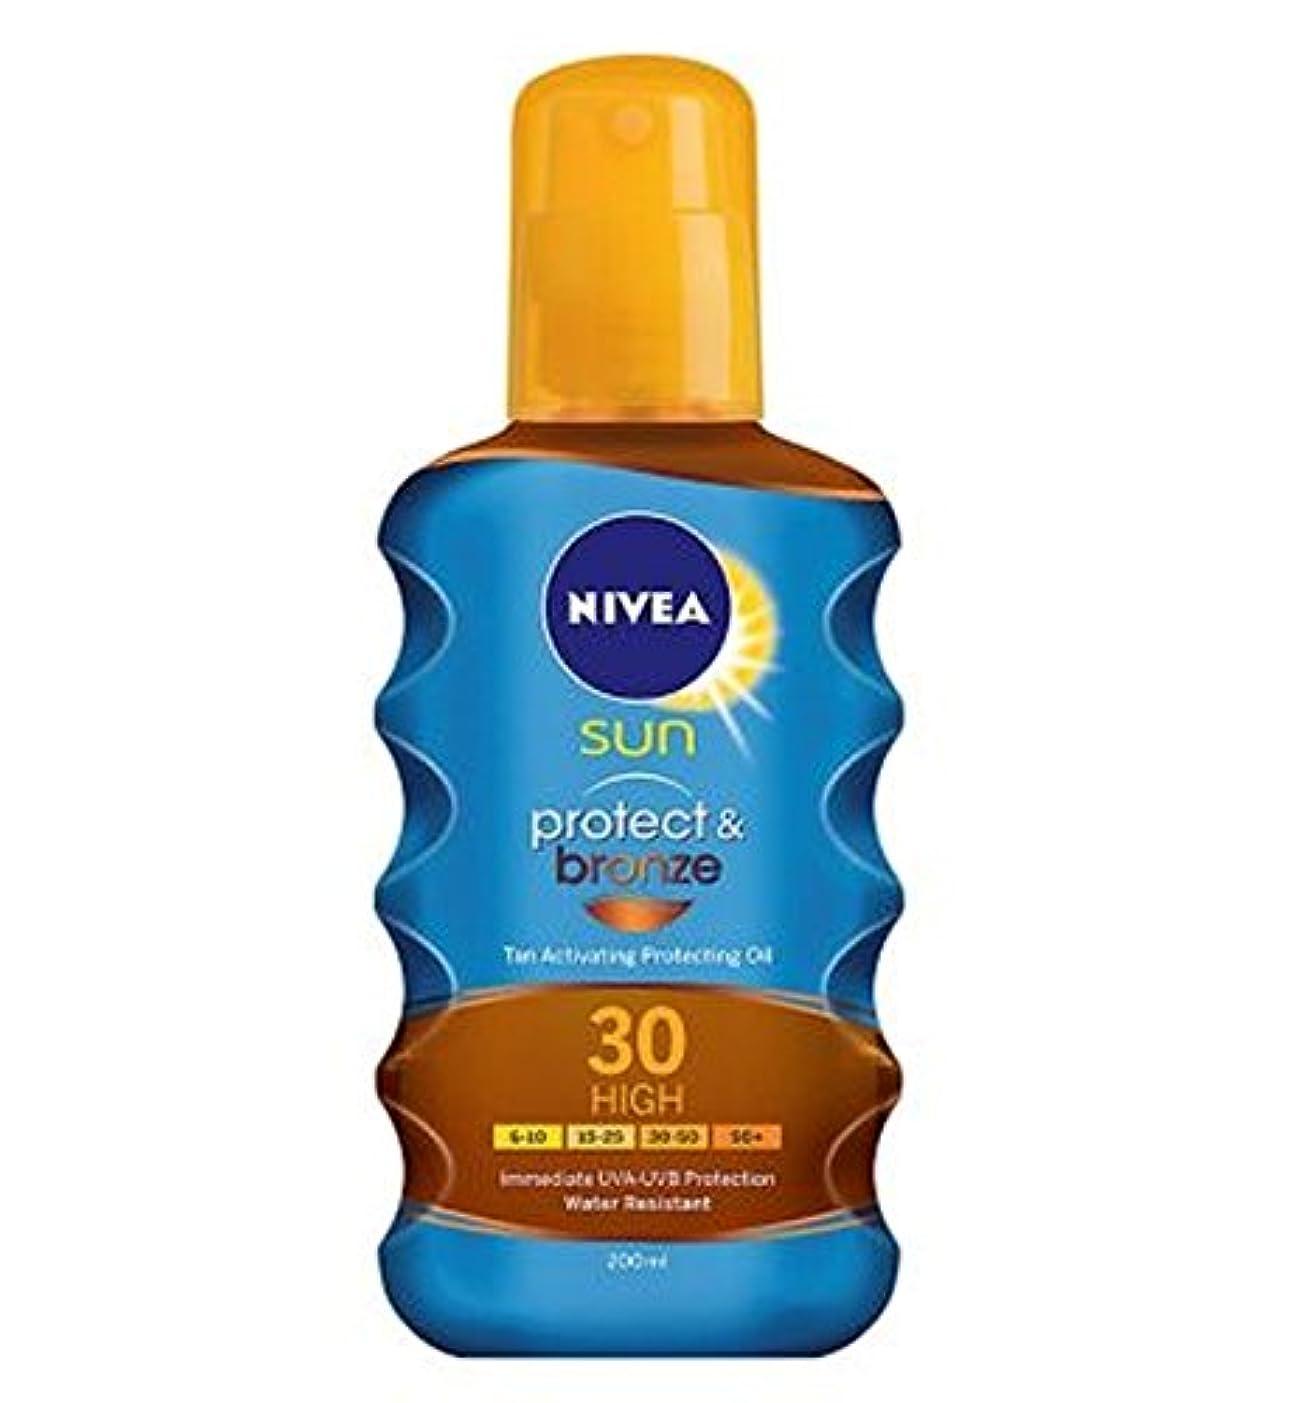 バストパノラマモンクニベアの日は、保護し、オイルSpf 30 200ミリリットルを保護ブロンズ日焼け活性化 (Nivea) (x2) - Nivea Sun protect and bronze tan activating protecting oil spf 30 200ml (Pack of 2) [並行輸入品]